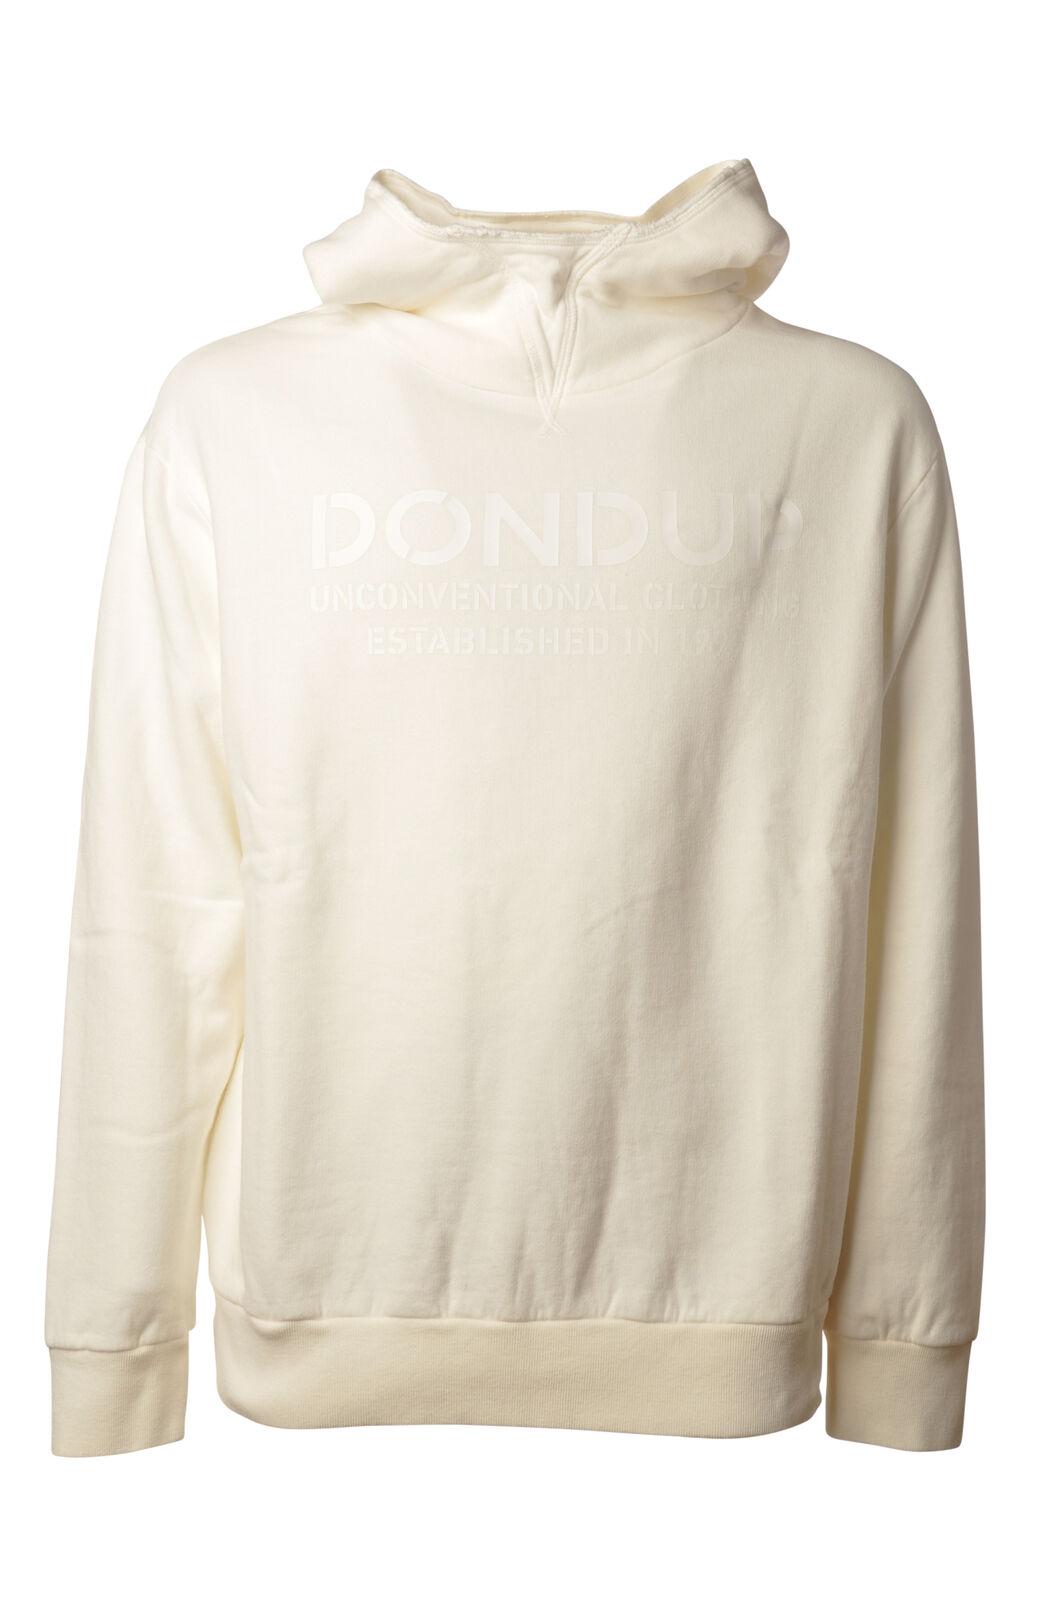 Dondup - obenwear-SweatHemds - Man - Weiß - 6433225G191909